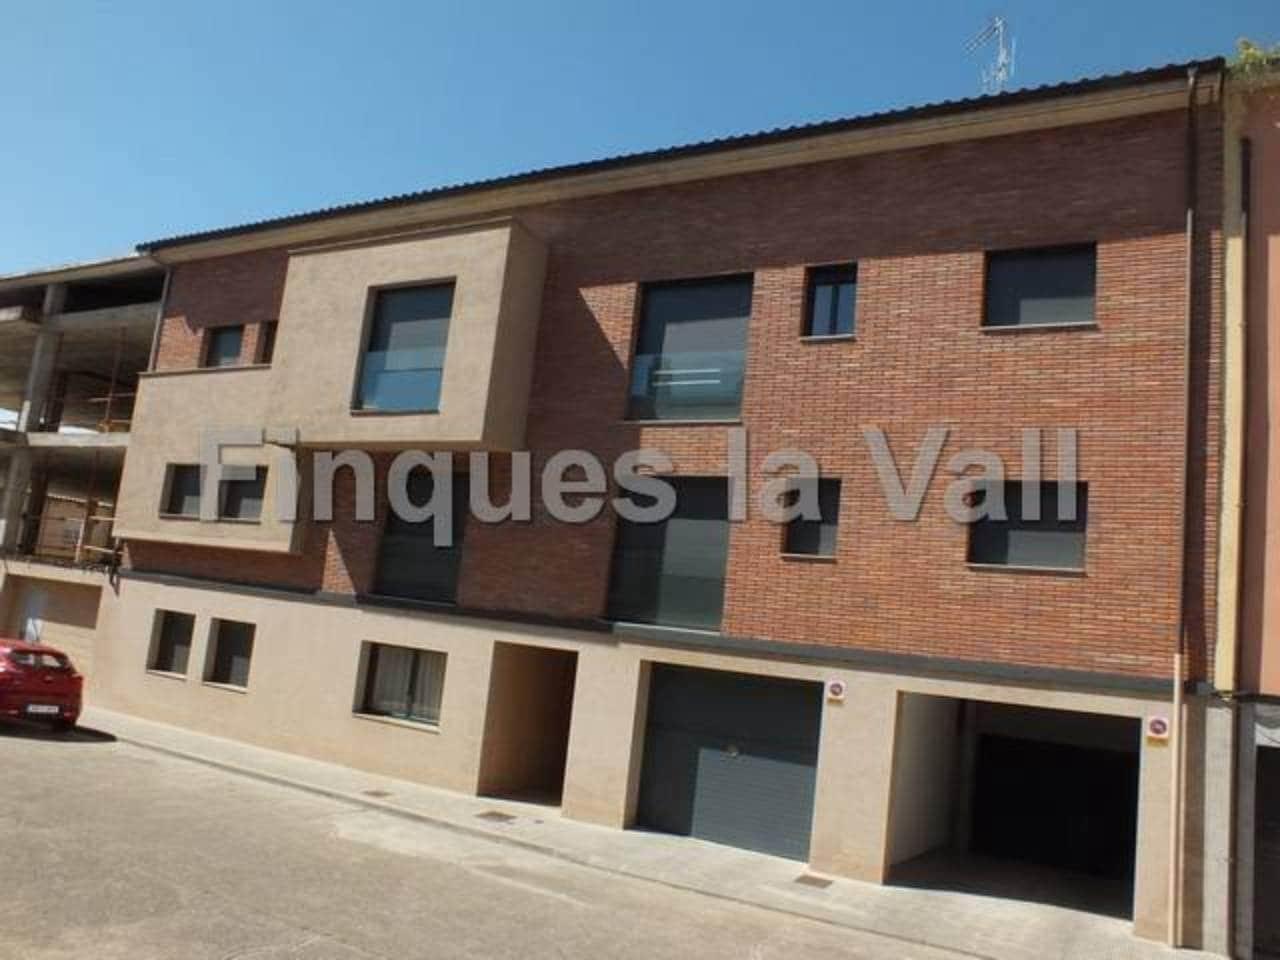 2 soverom Leilighet til salgs i Manlleu - € 135 400 (Ref: 5642458)